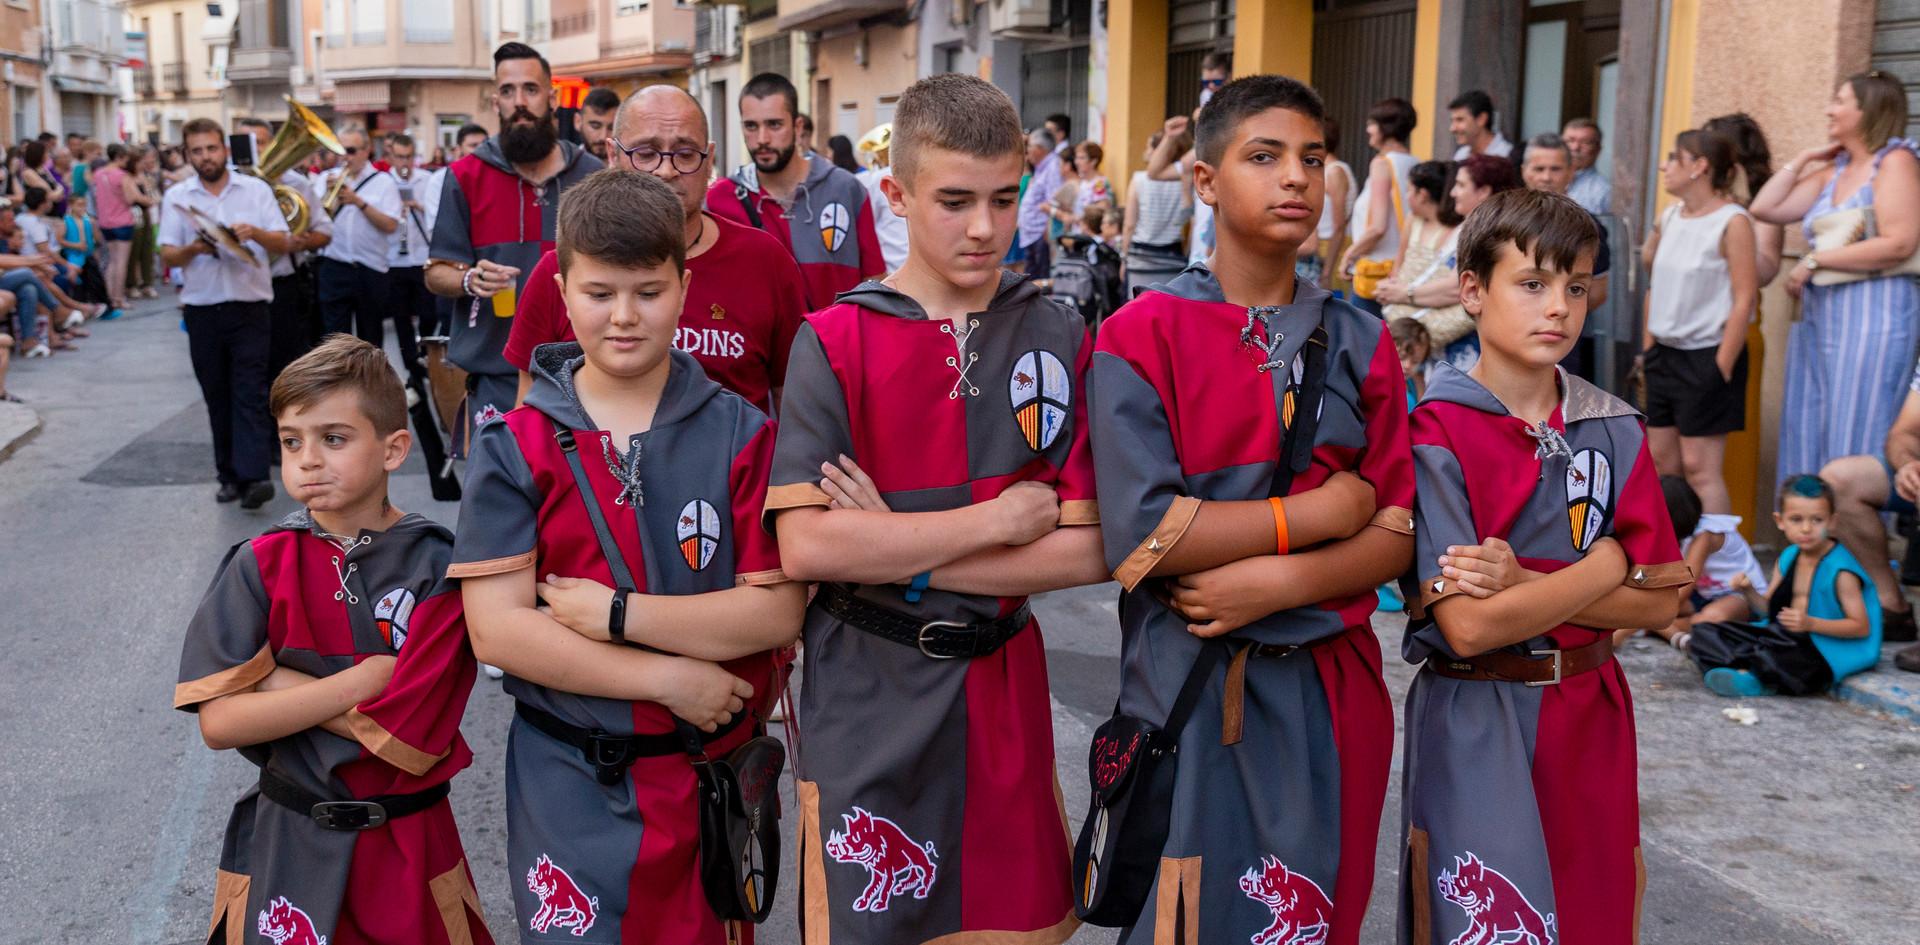 Desfilada infantil. Albardins 201